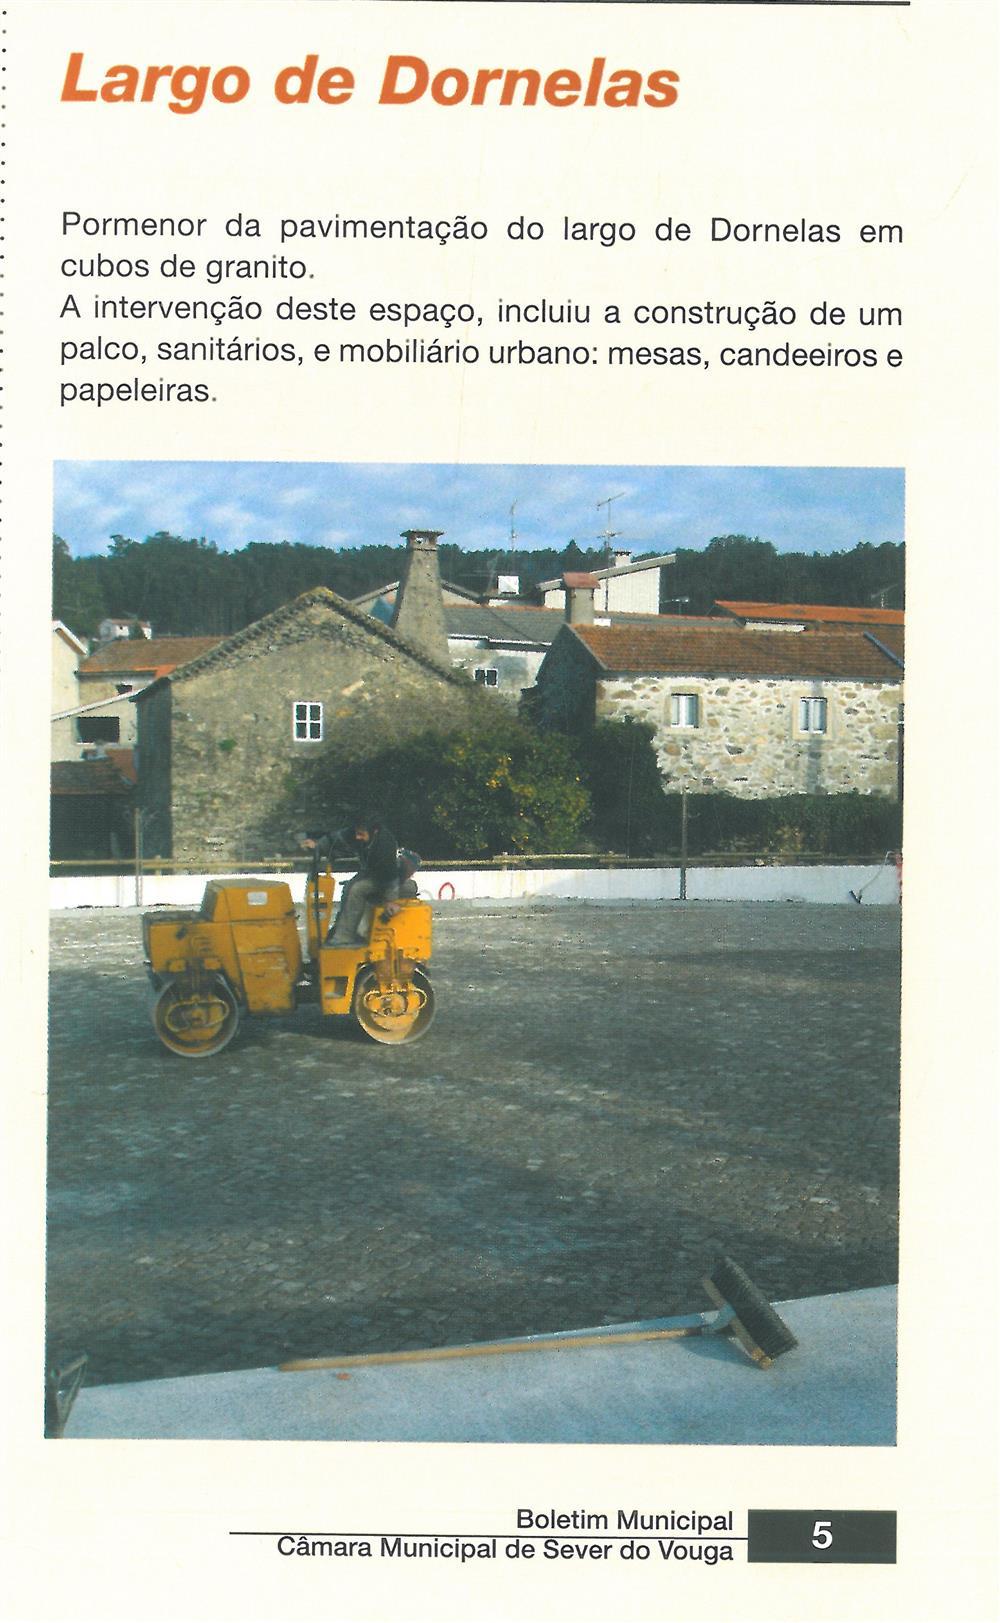 BoletimMunicipal-n.º 21-mar.'07-p.5-Obras Municipais : Obras Públicas : Largo de Dornelas.jpg